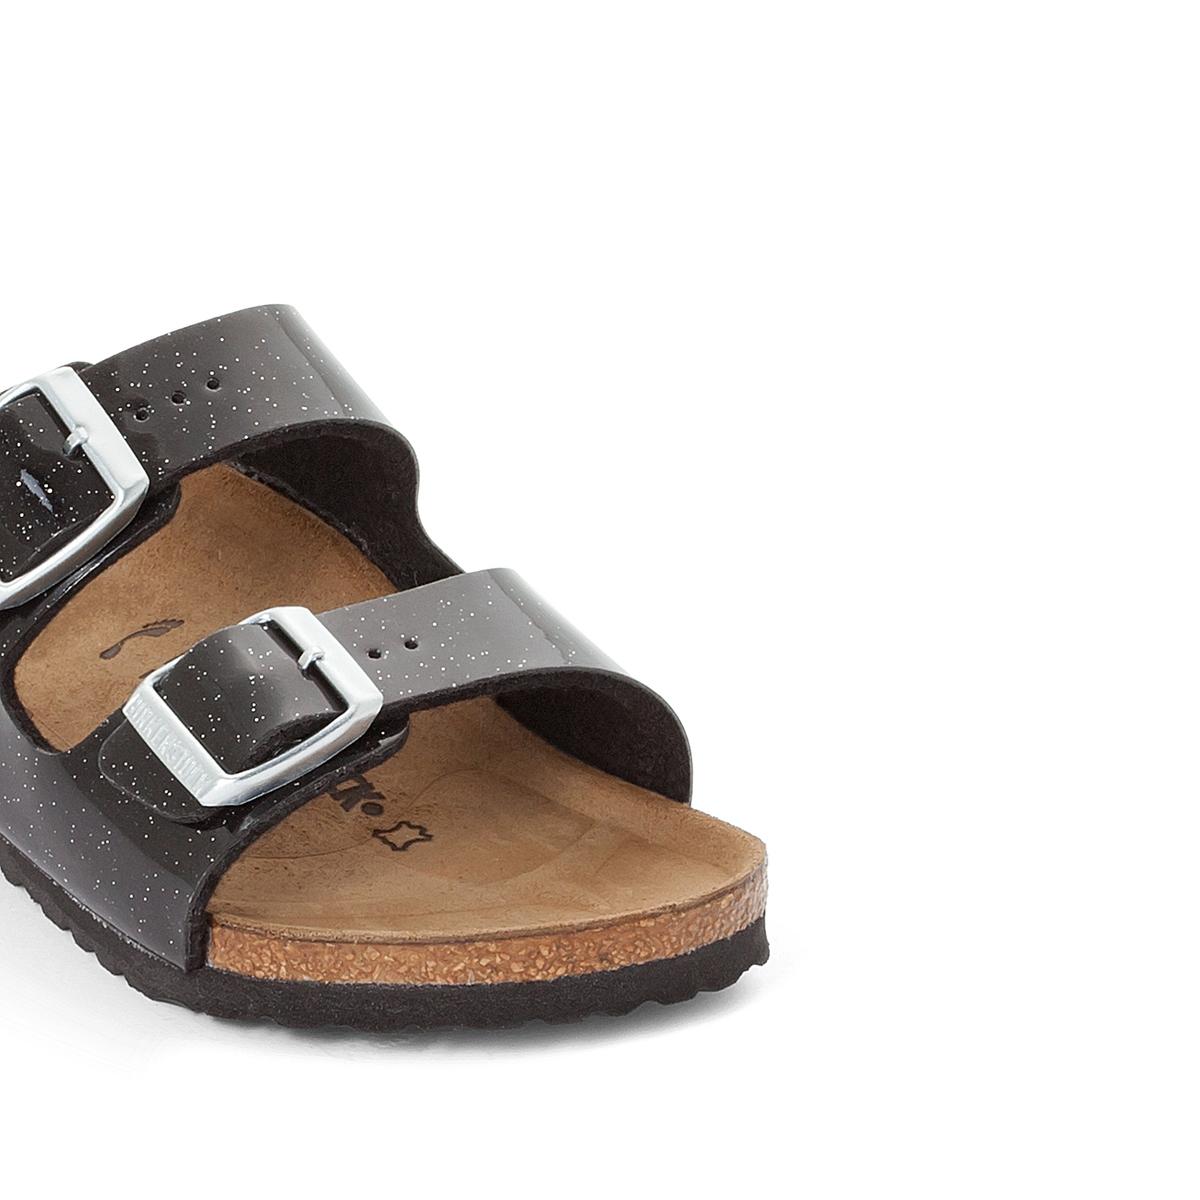 Туфли без задника синтетическиеОписание:Детали  •  Туфли без задника •  Застежка : без застежки •  Открытый мысокСостав и уход  •  Верх 100% синтетический материал •  Подкладка 100% текстиль •  Стелька 100% кожа •  Подошва 100% ЭВА<br><br>Цвет: черный